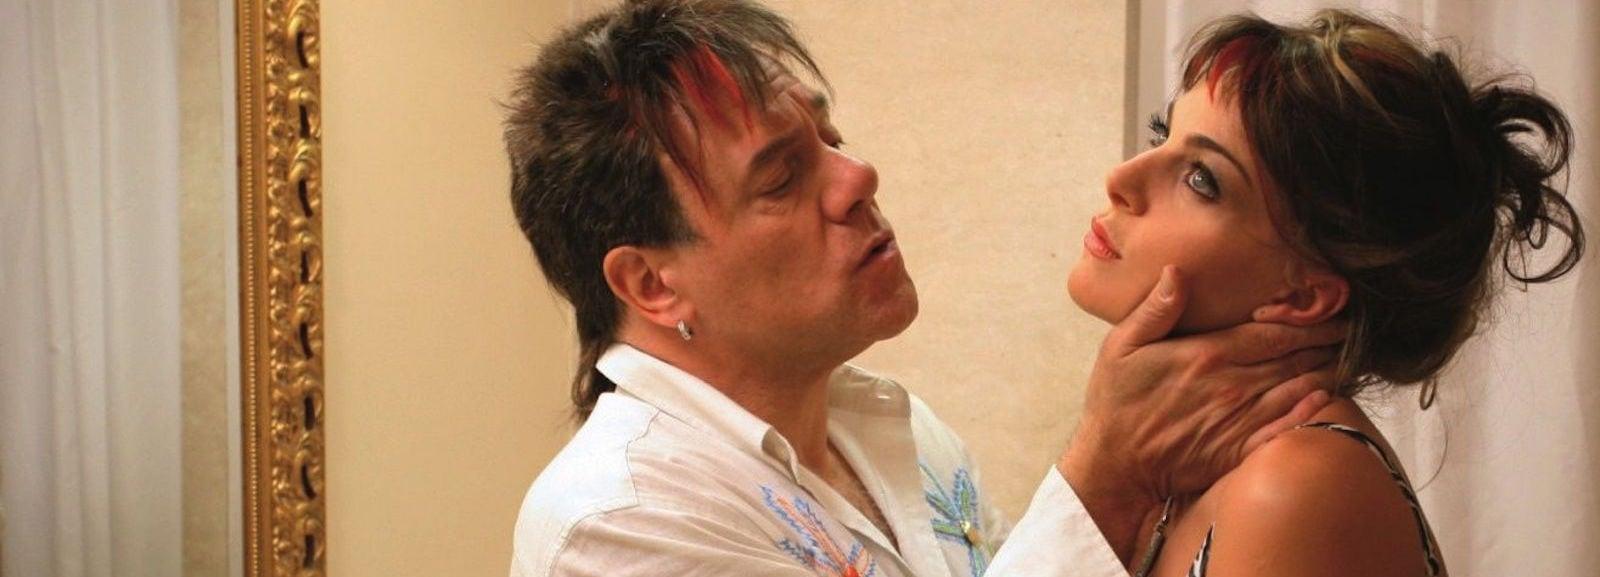 Carlo Verdone e claudia gerini